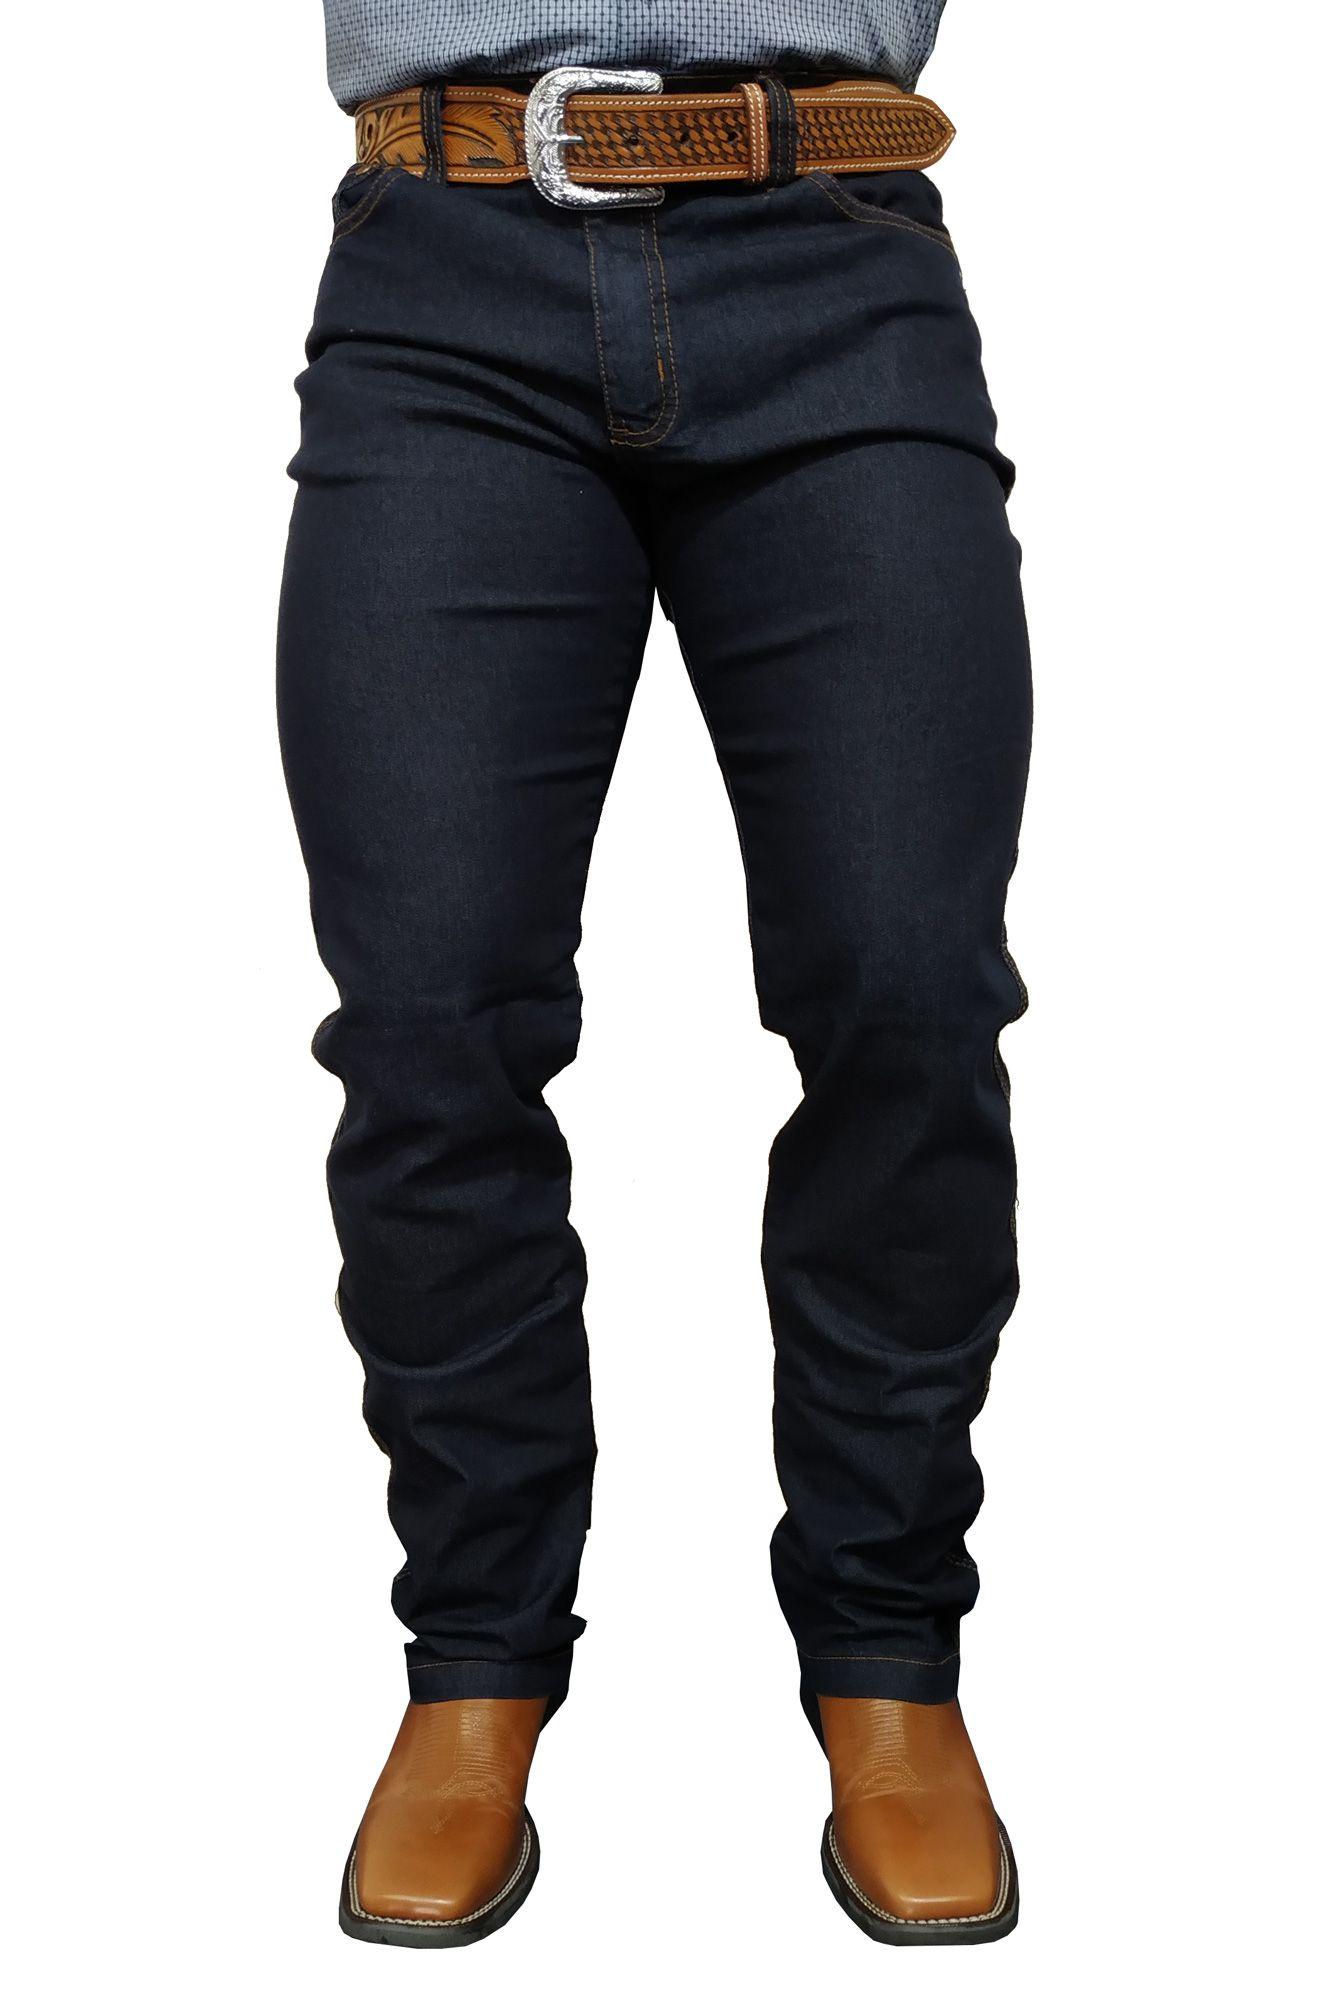 Calça Masculina 50X Escura Ref. 603